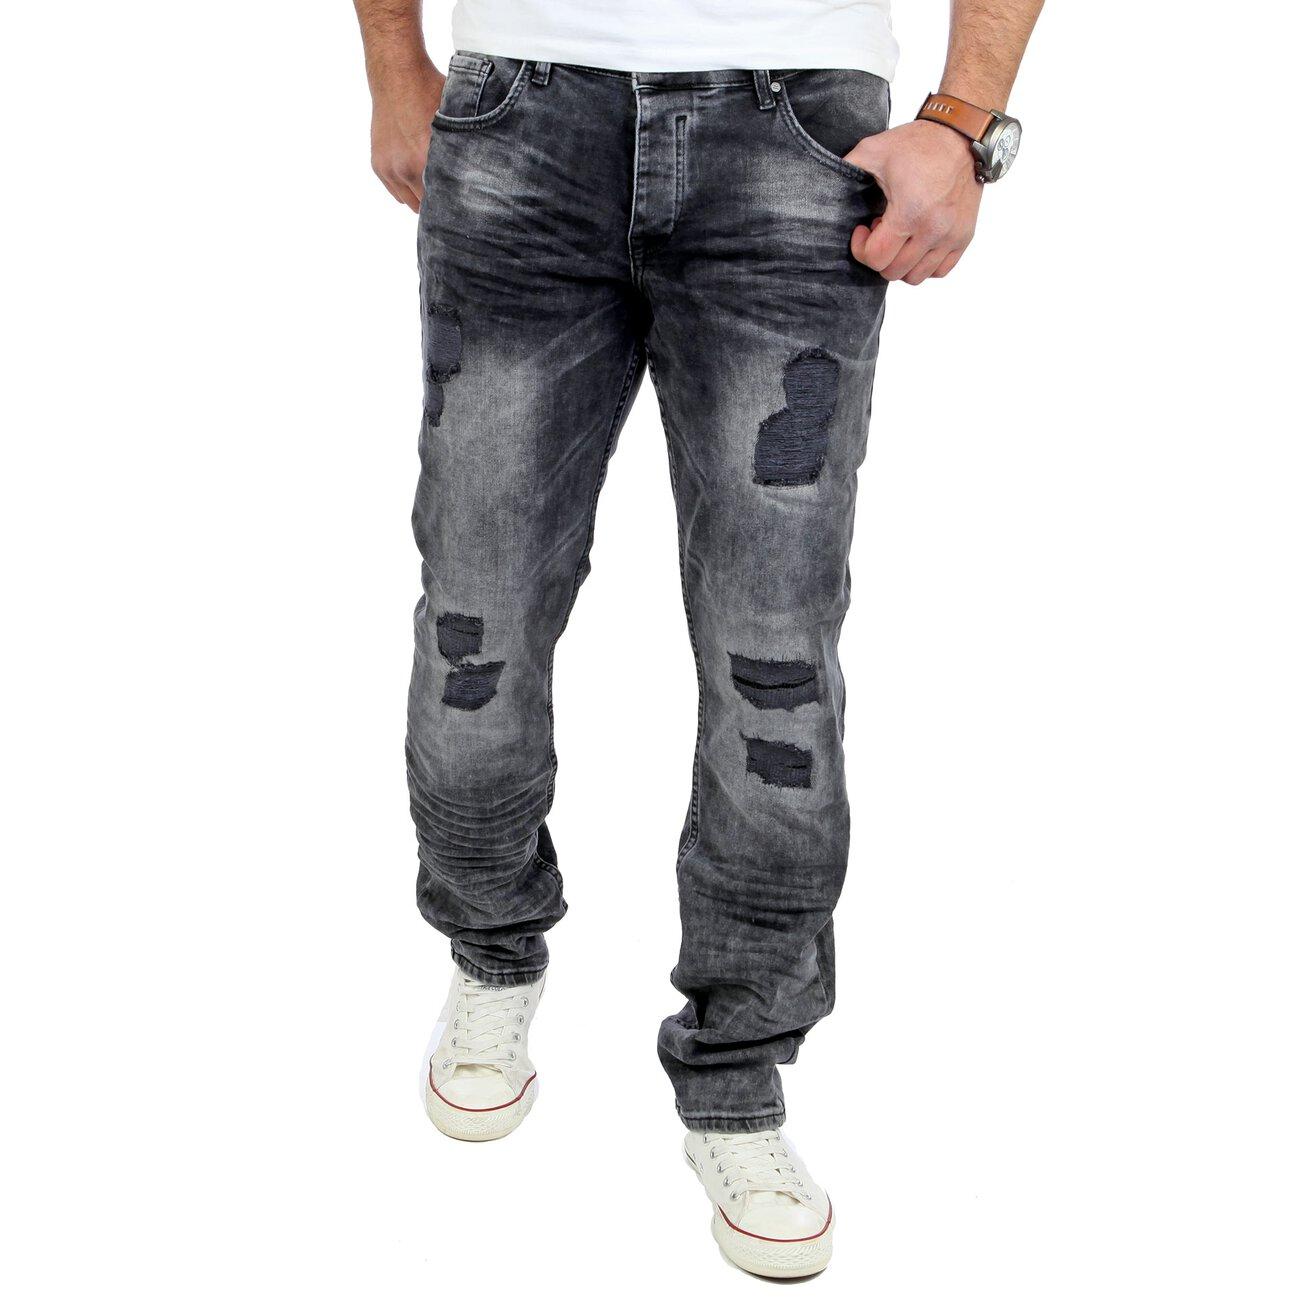 reslad jeans herren ripped slim fit denim jeans hose rs 2075. Black Bedroom Furniture Sets. Home Design Ideas